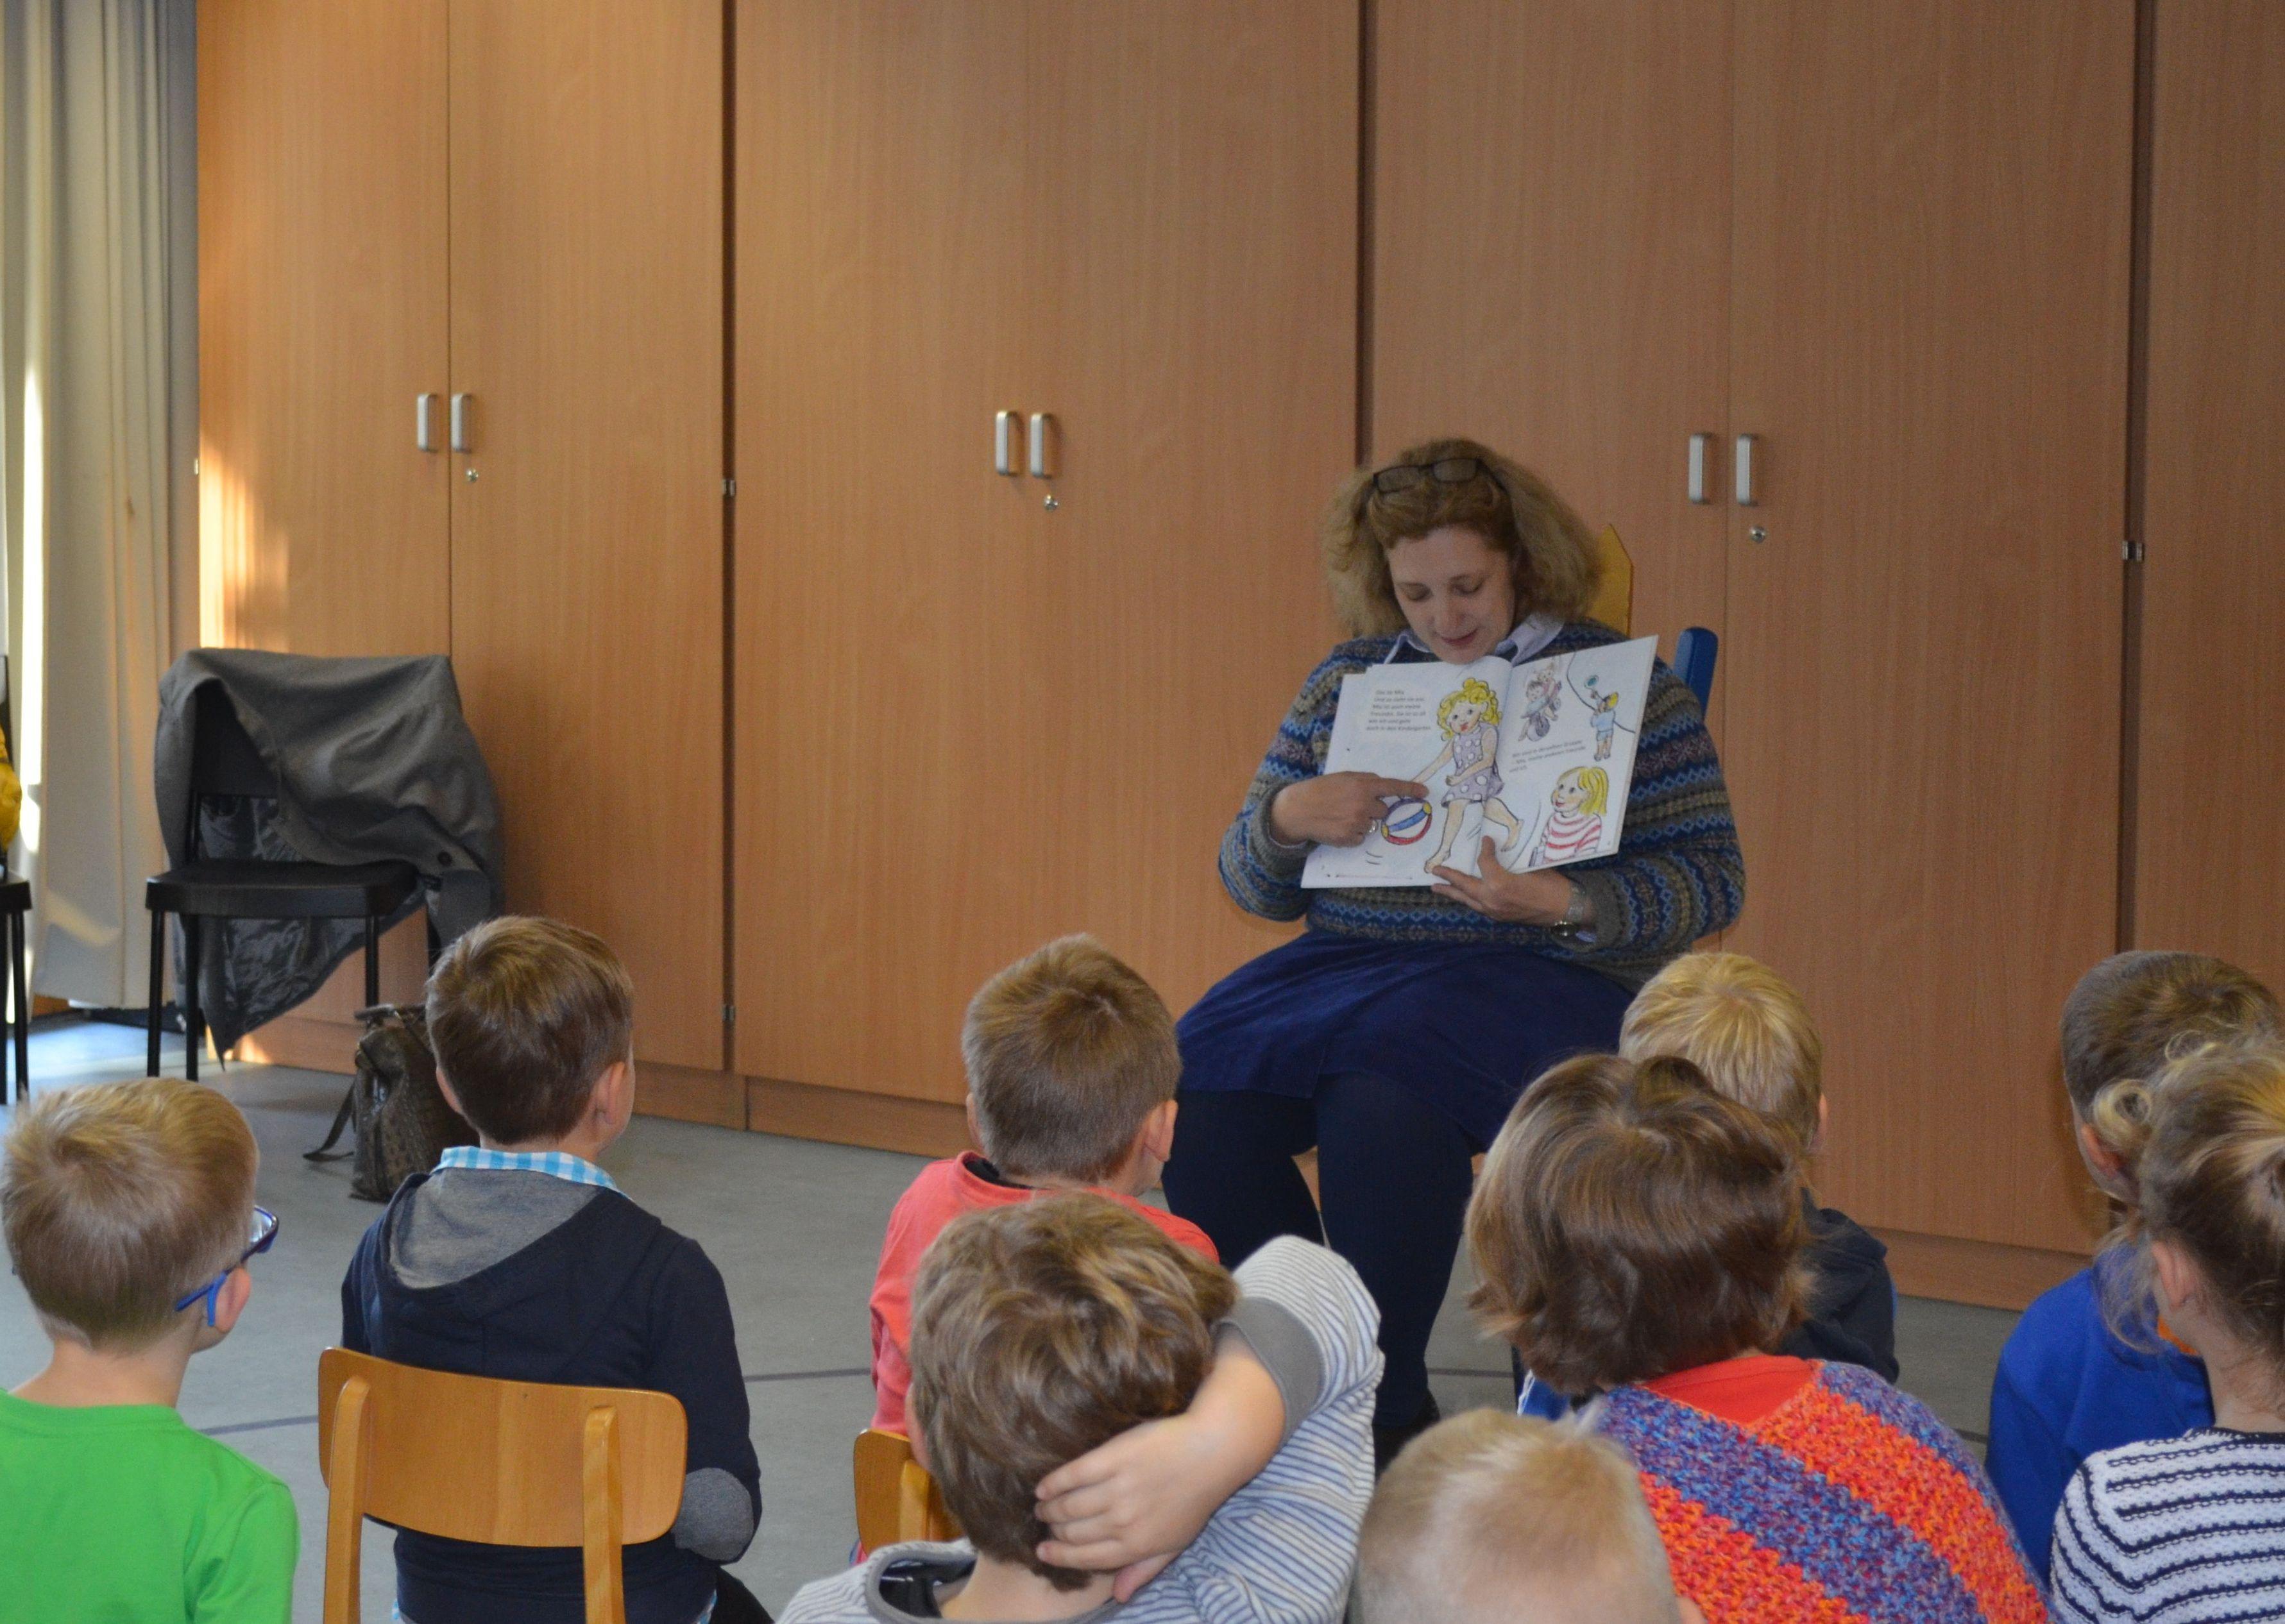 Dr. Daniela De Ridder im Herbst 2015 beim Vorlesetag in der Maria Montessori Schule (Foto: Britta Hofmann)